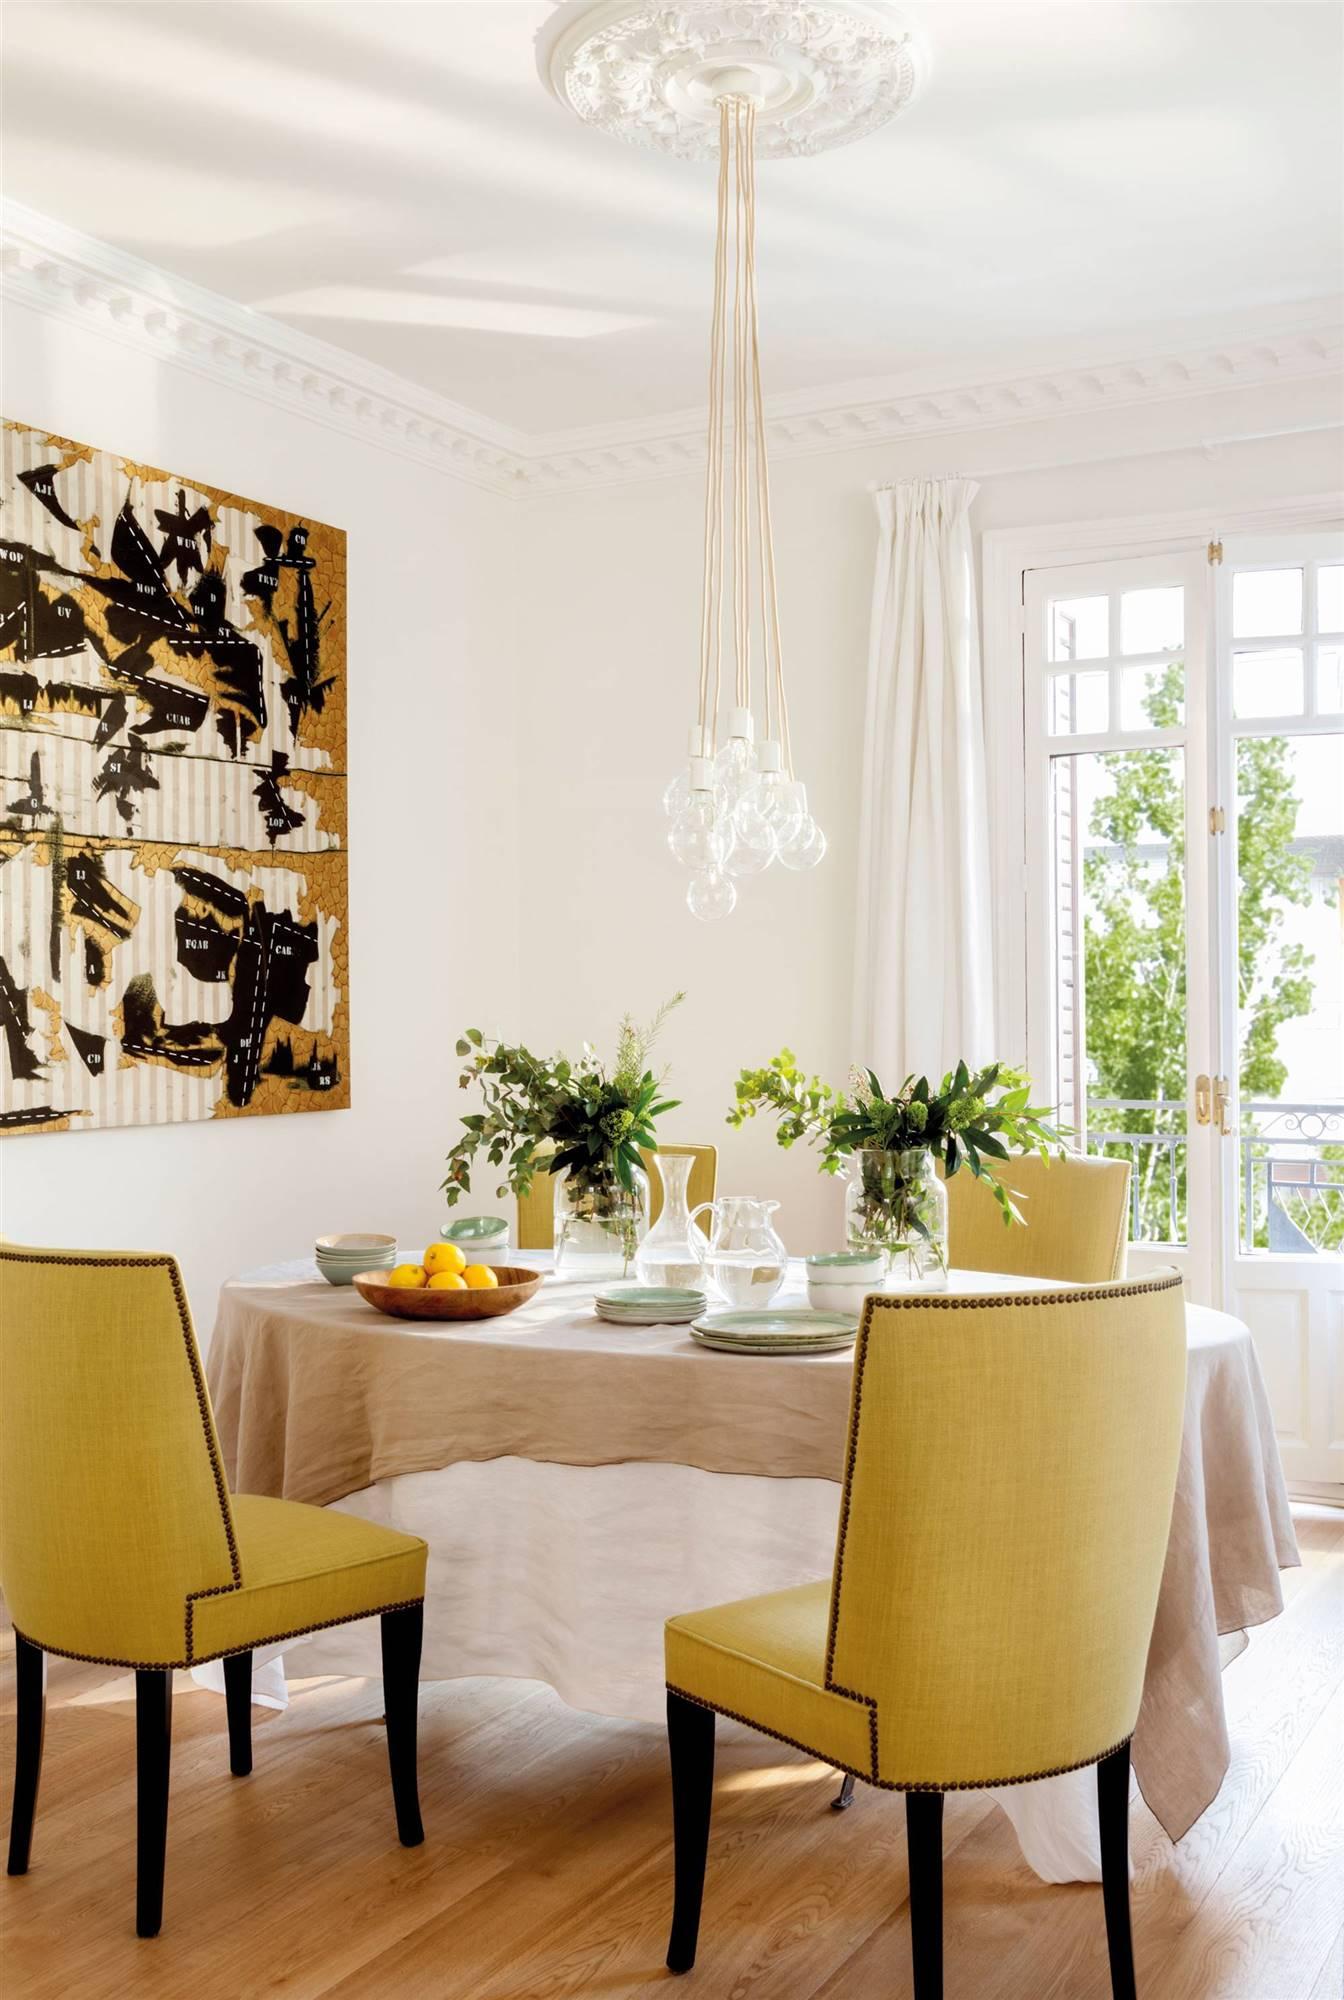 Comedores modernos for Sillas de comedor tapizadas en gris